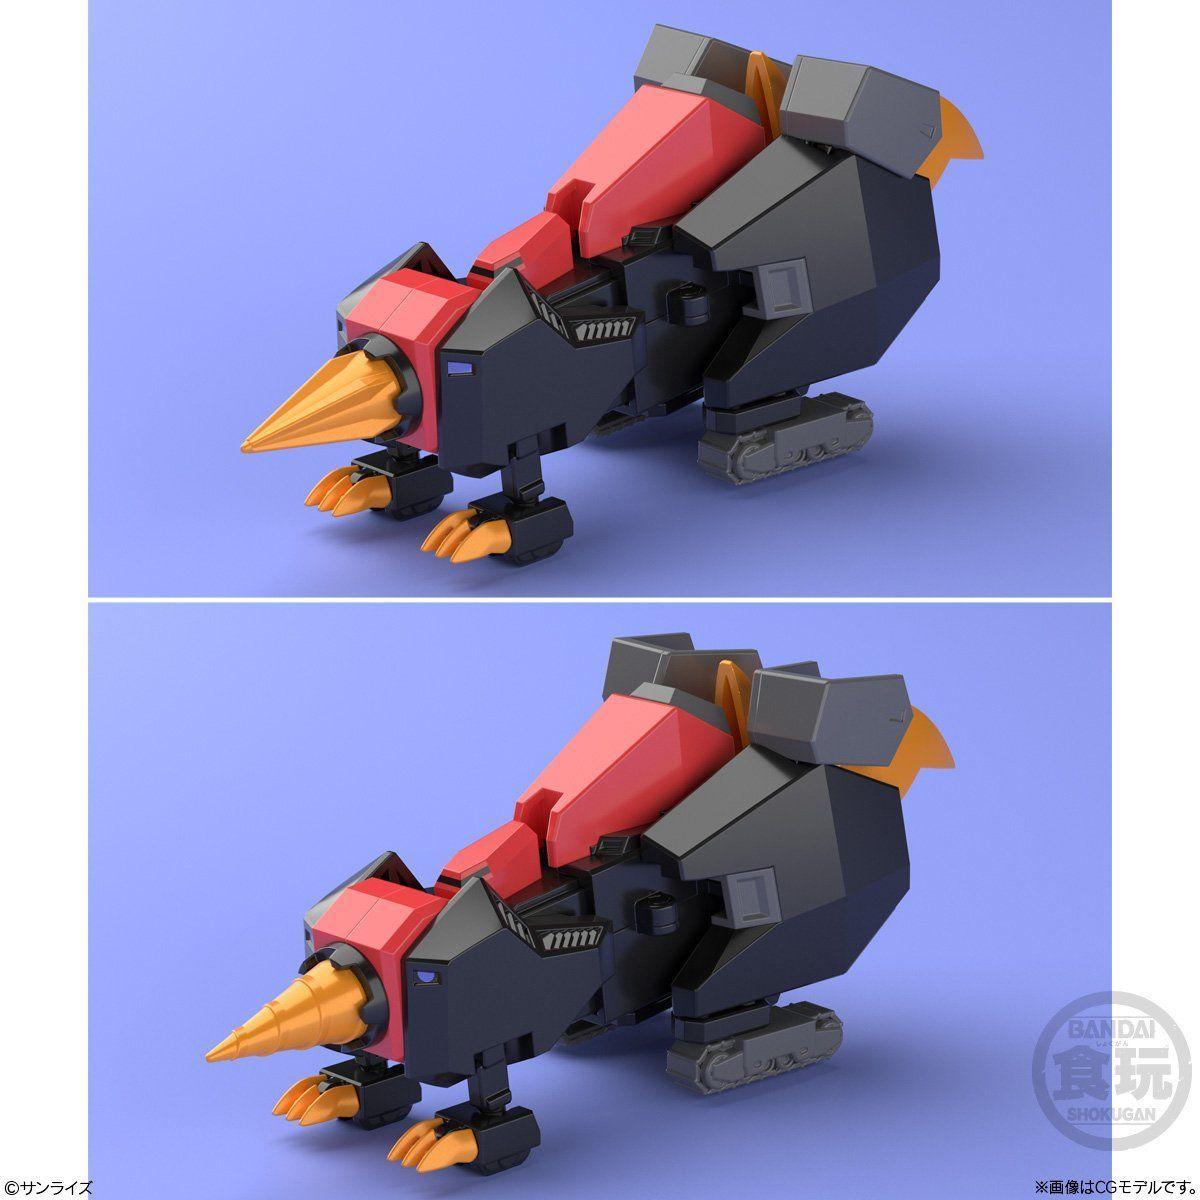 【食玩】スーパーミニプラ『勇者王ガオガイガー6』ジェネシックガオガイガー プラモデル 4個入りBOX-005